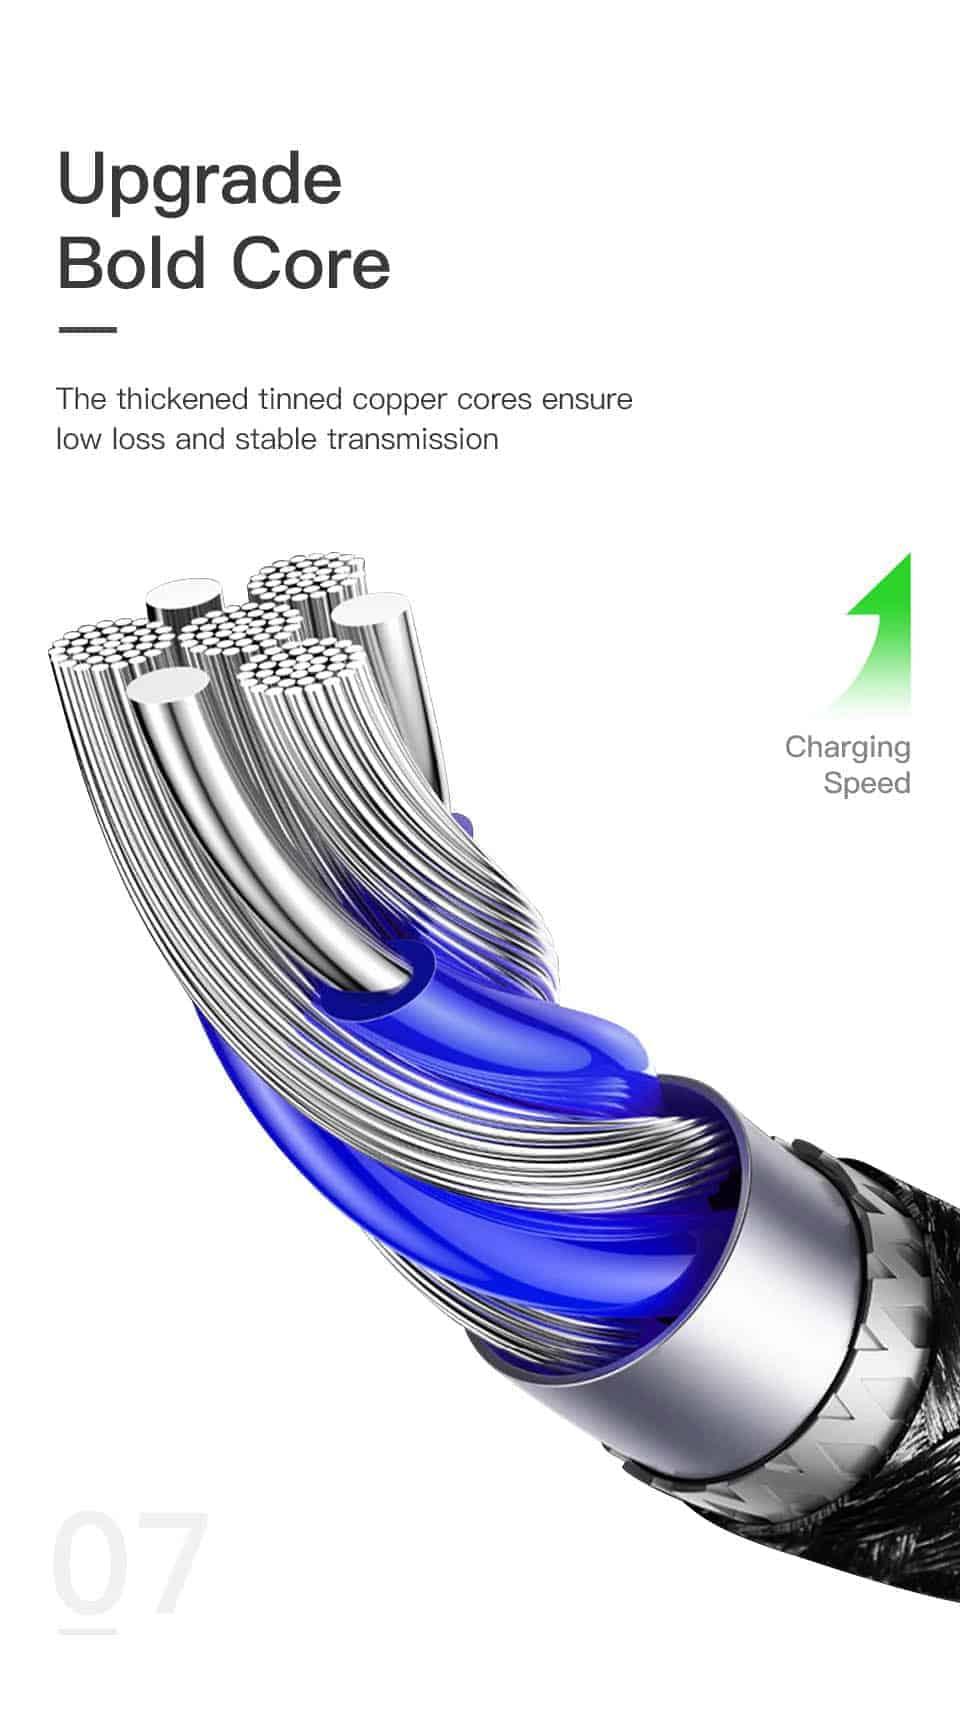 KUULAA USB Type C to USB Type C Cable Upgrade bold Core